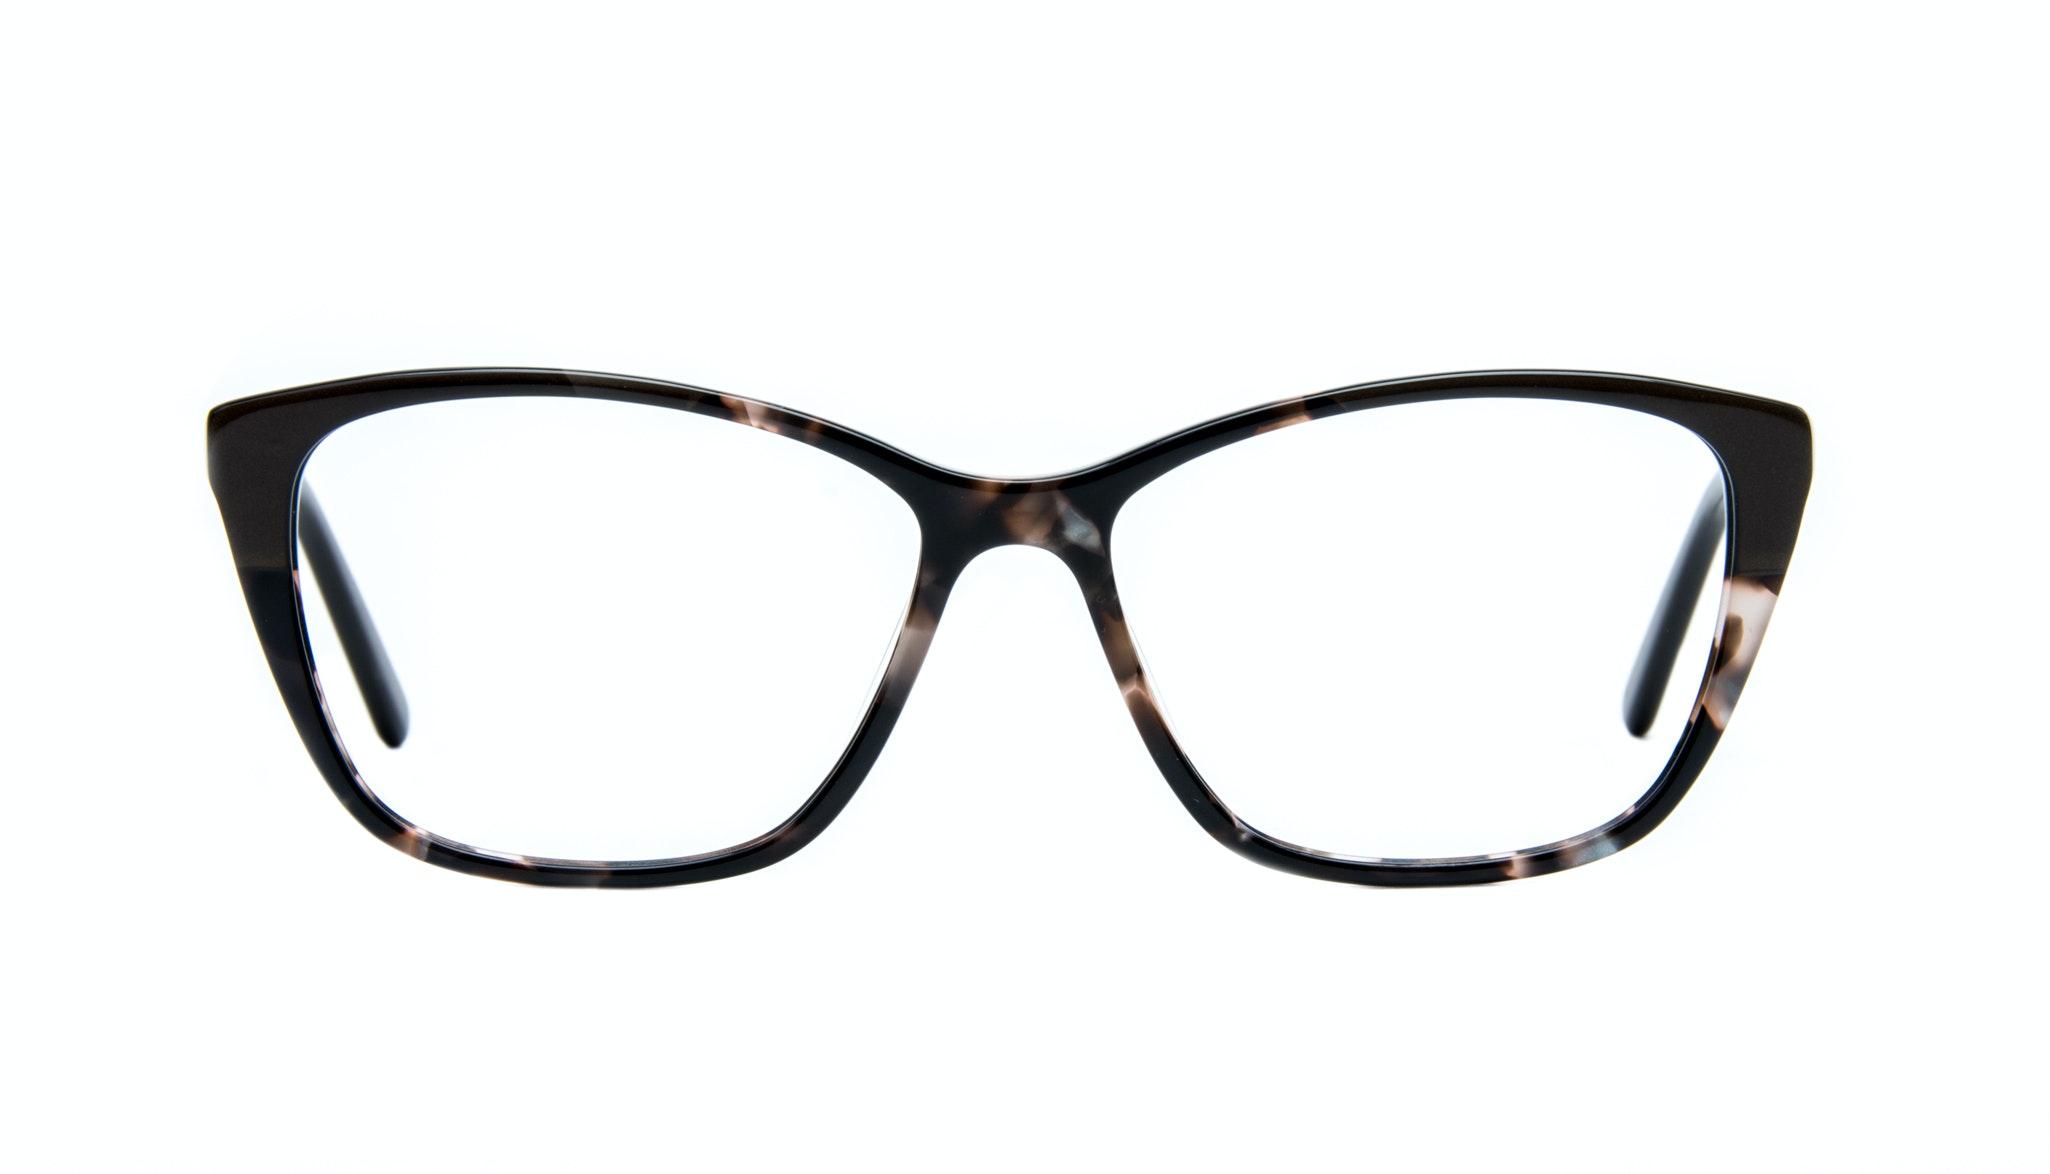 Lunettes tendance Oeil de chat Rectangle Lunettes de vue Femmes Myrtle Grey Stone